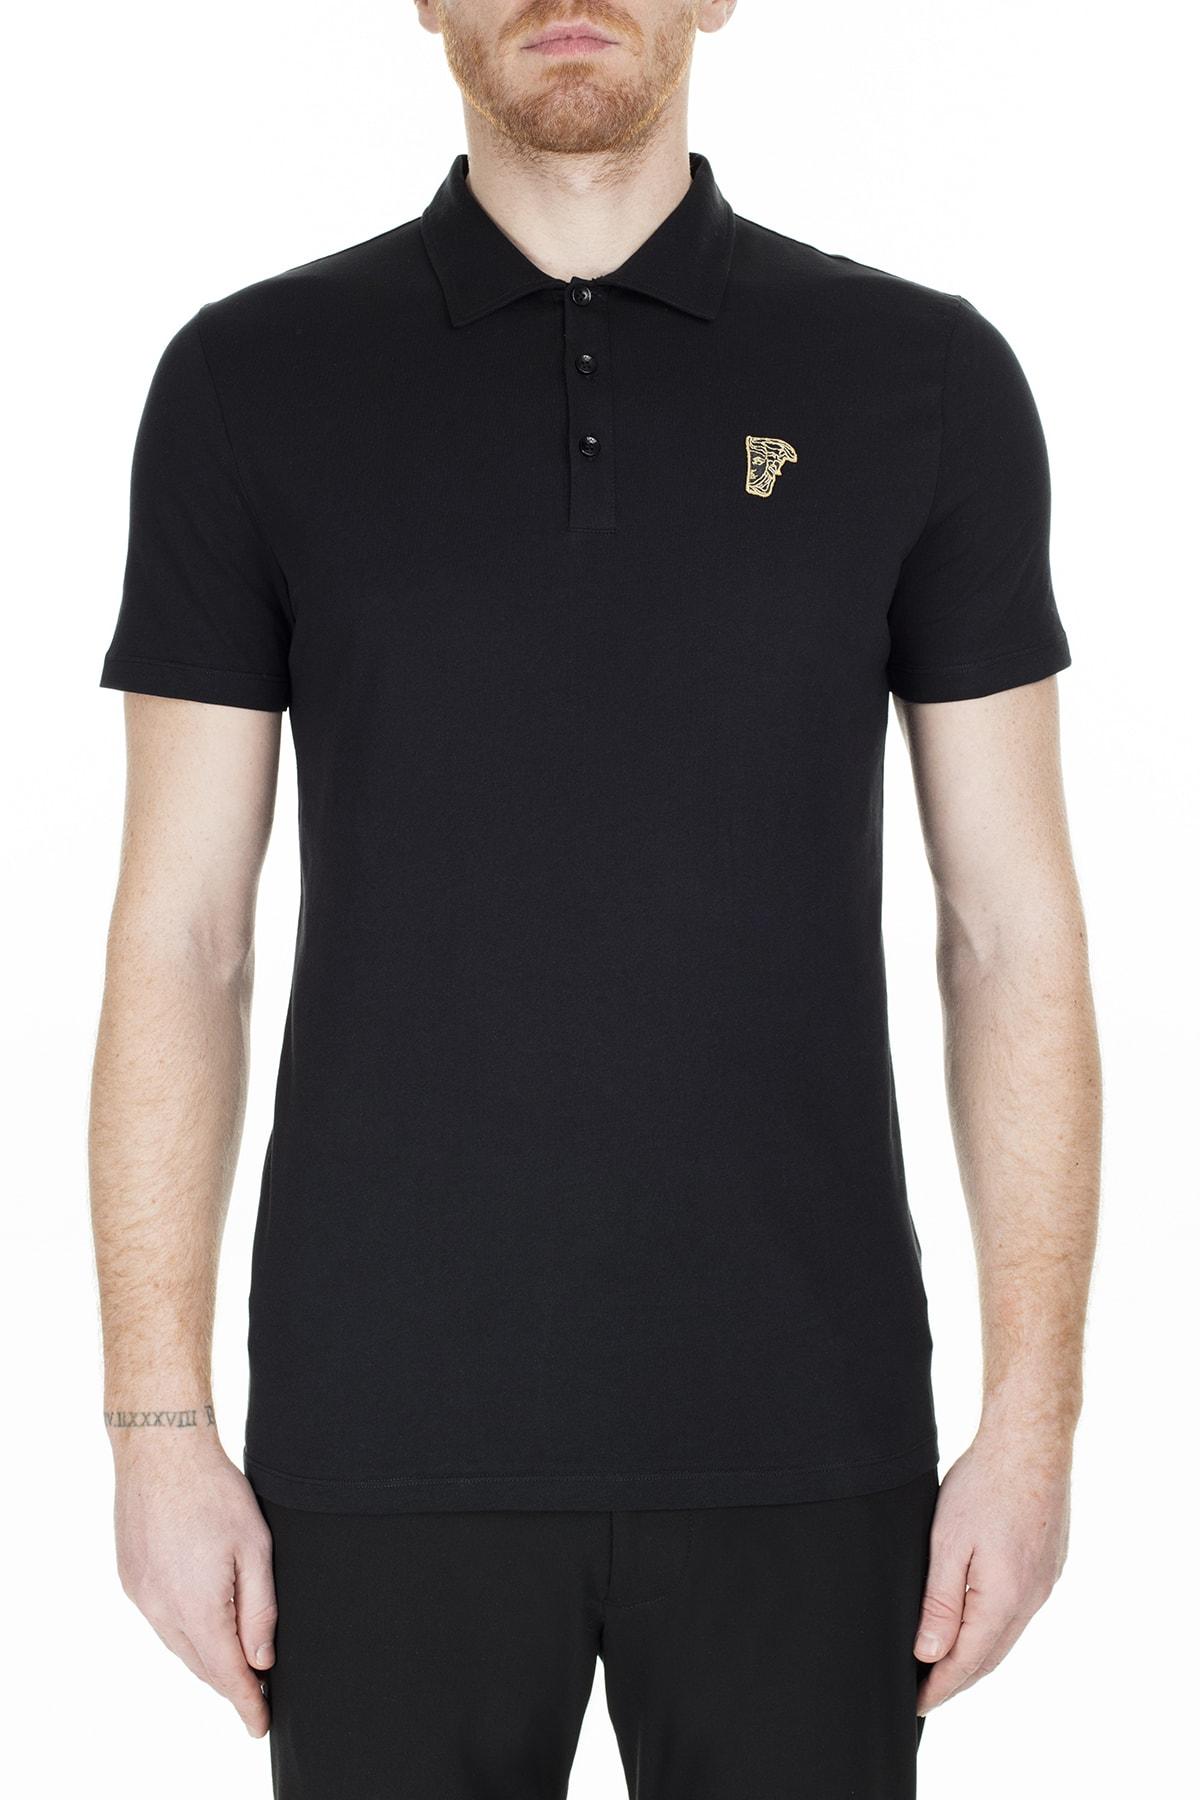 VERSACE COLLECTION Erkek Siyah Polo Yaka T-Shirt V800708 Vj00180 V9001